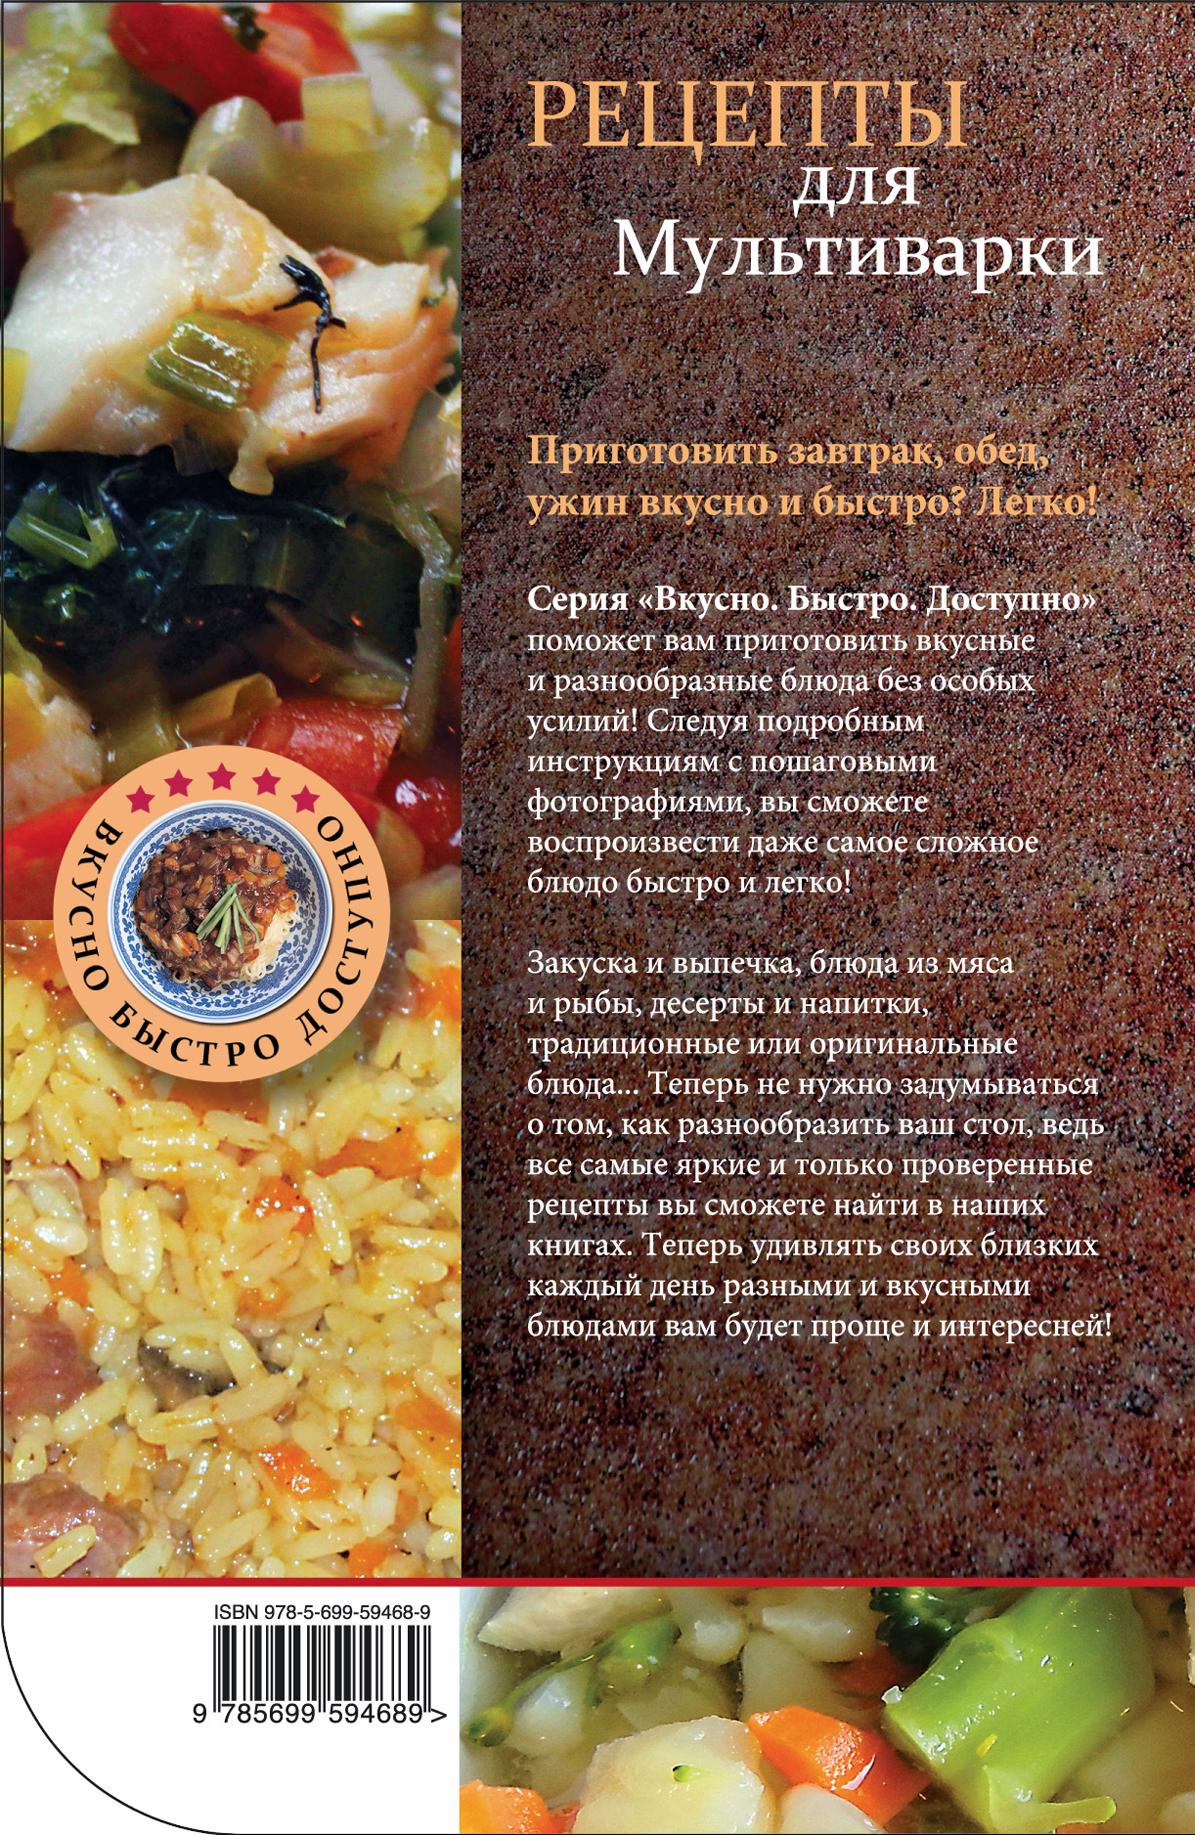 Простые рецепты вторых блюд для мультиварки с пошагово